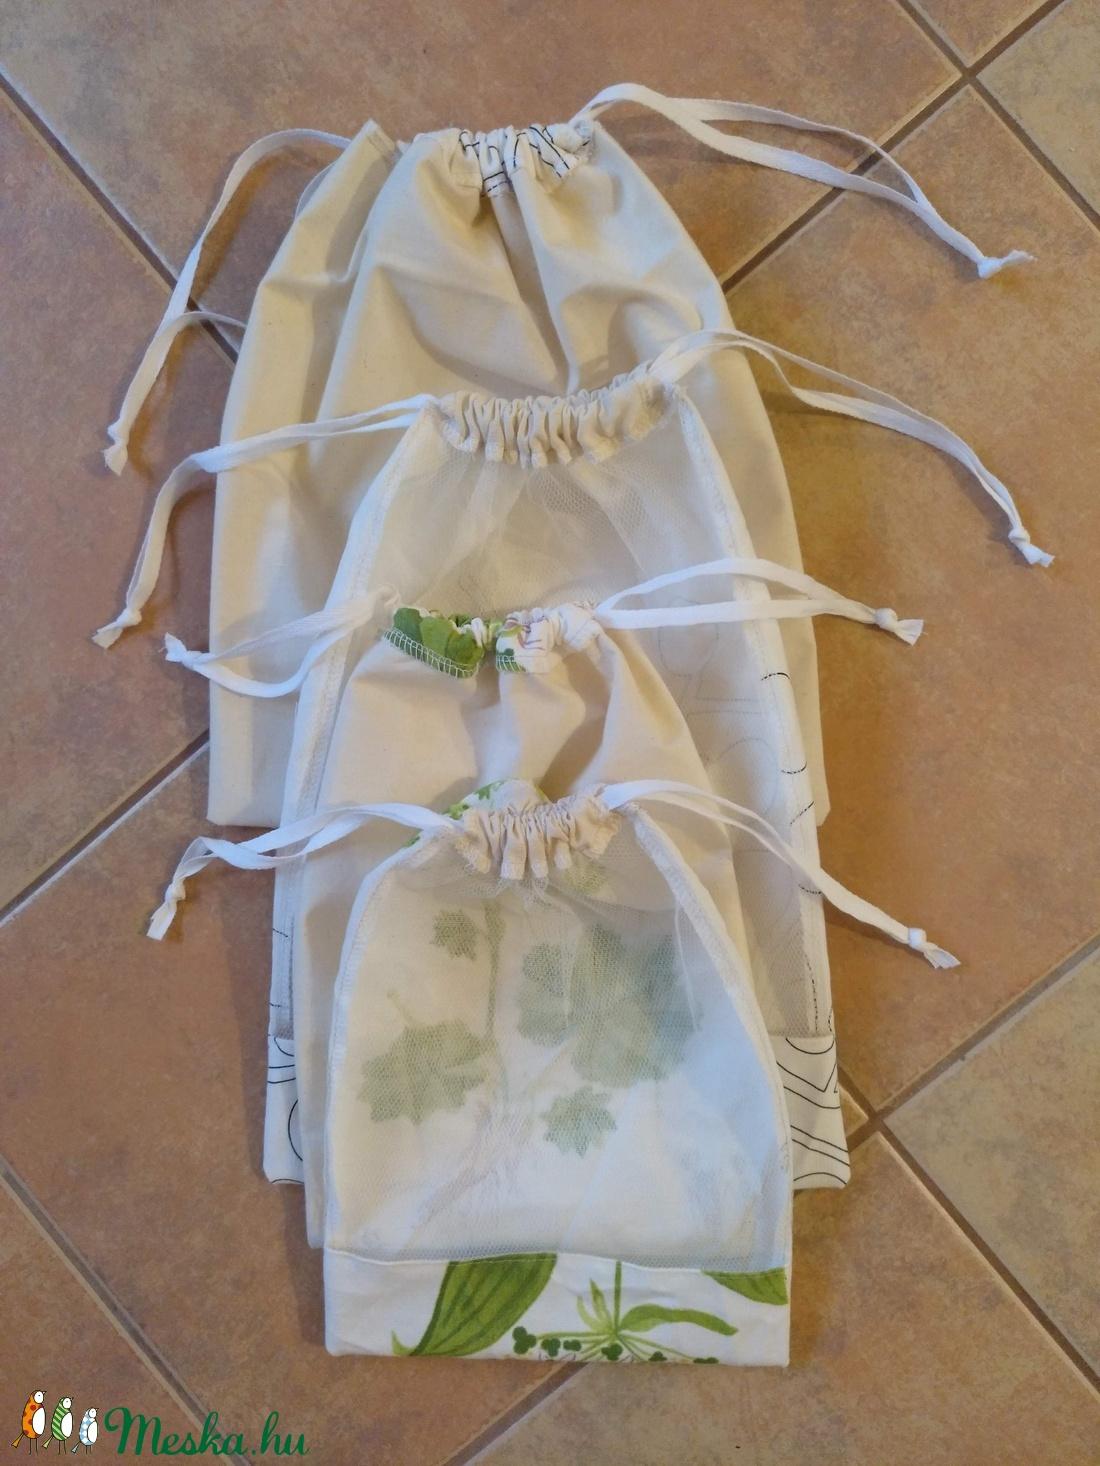 b6d015ab7e85 4 db összehúzható textil zsák, bevásárló táska, műanyag zacskó helyett  pamut tüll szütyő tatyó tatyi öko zacskó